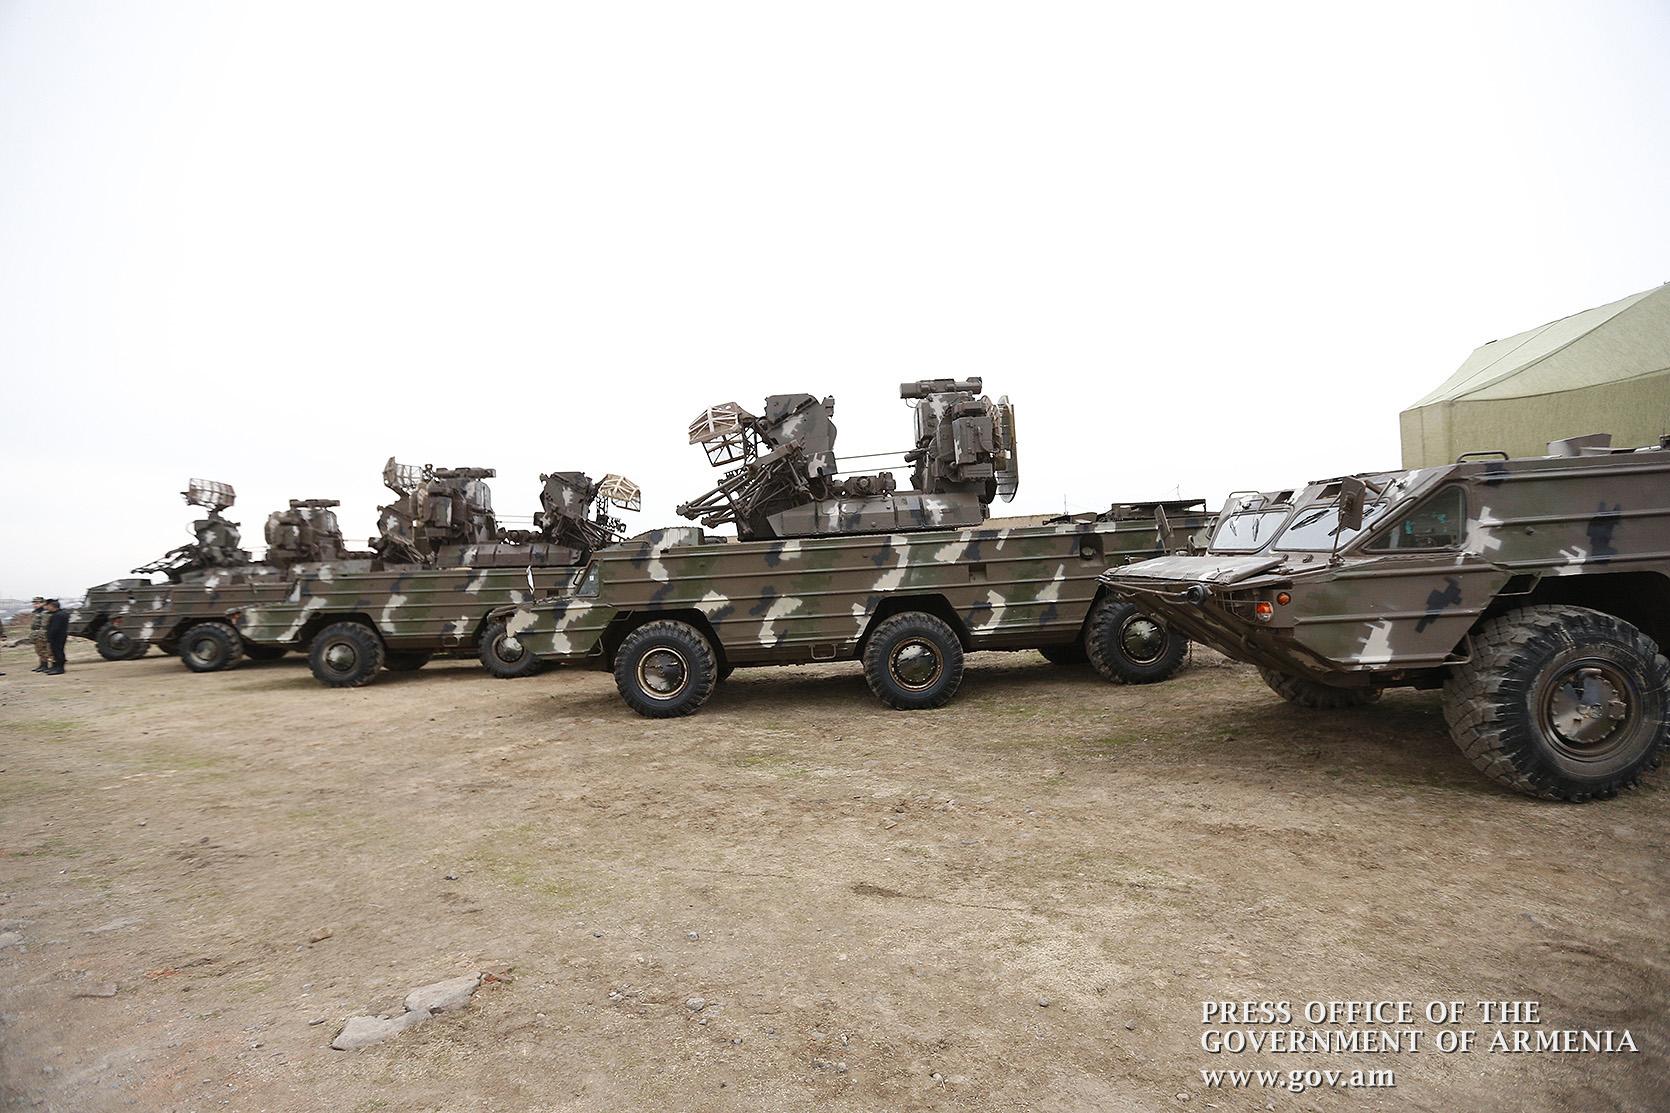 Армения приобрела большую партию зенитных ракет «Оса-АК»